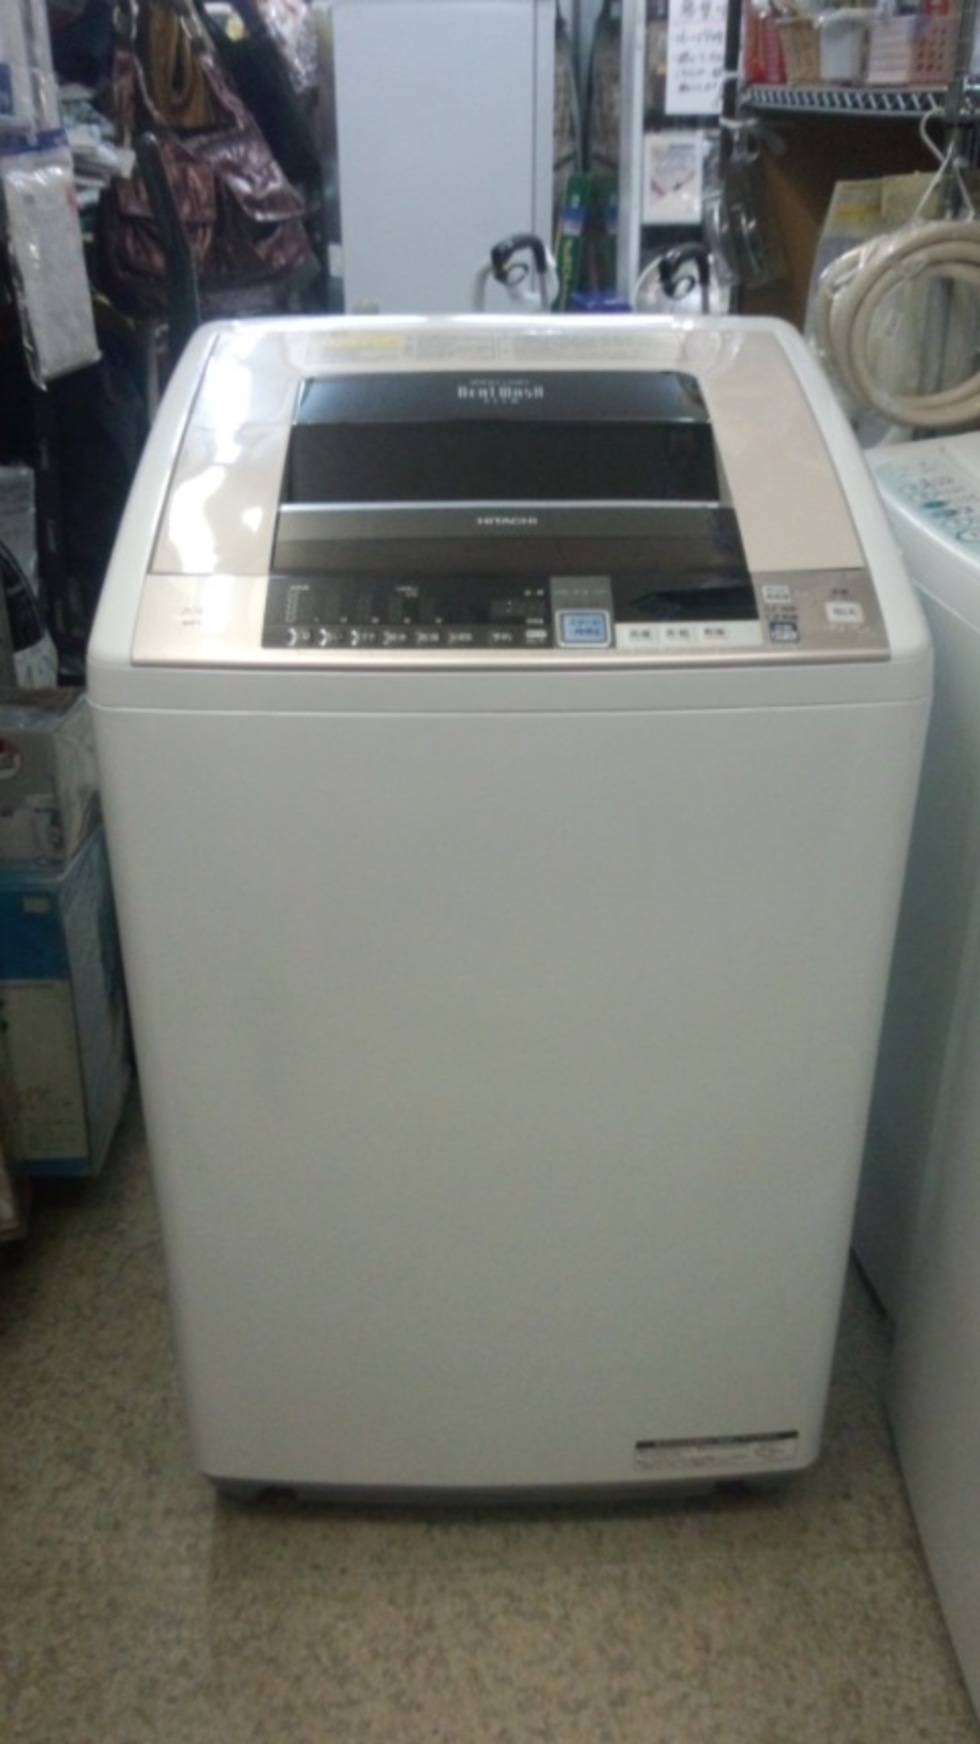 日立 ビートウォッシュ BW-D8TV 全自動洗濯機 2015年製のサムネイル